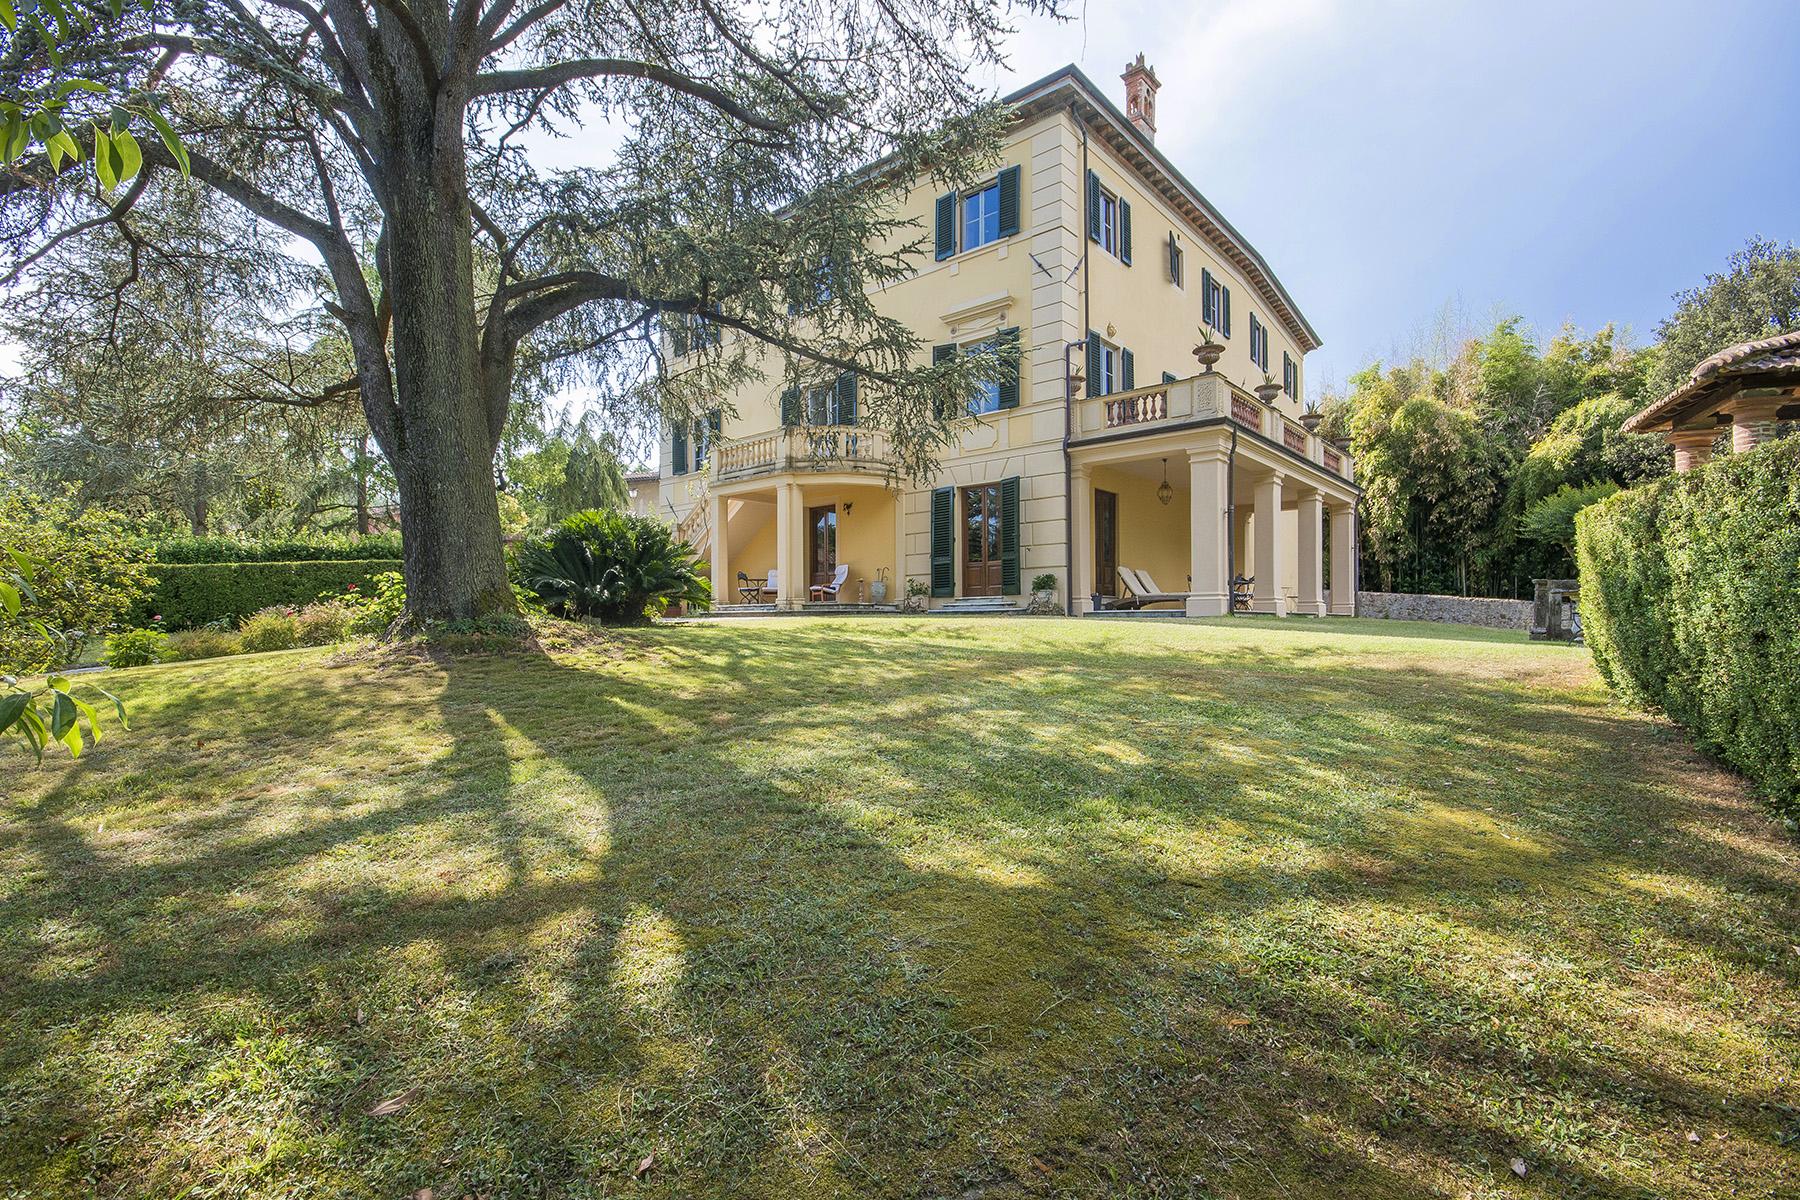 Villa in Vendita a Lucca: 5 locali, 1150 mq